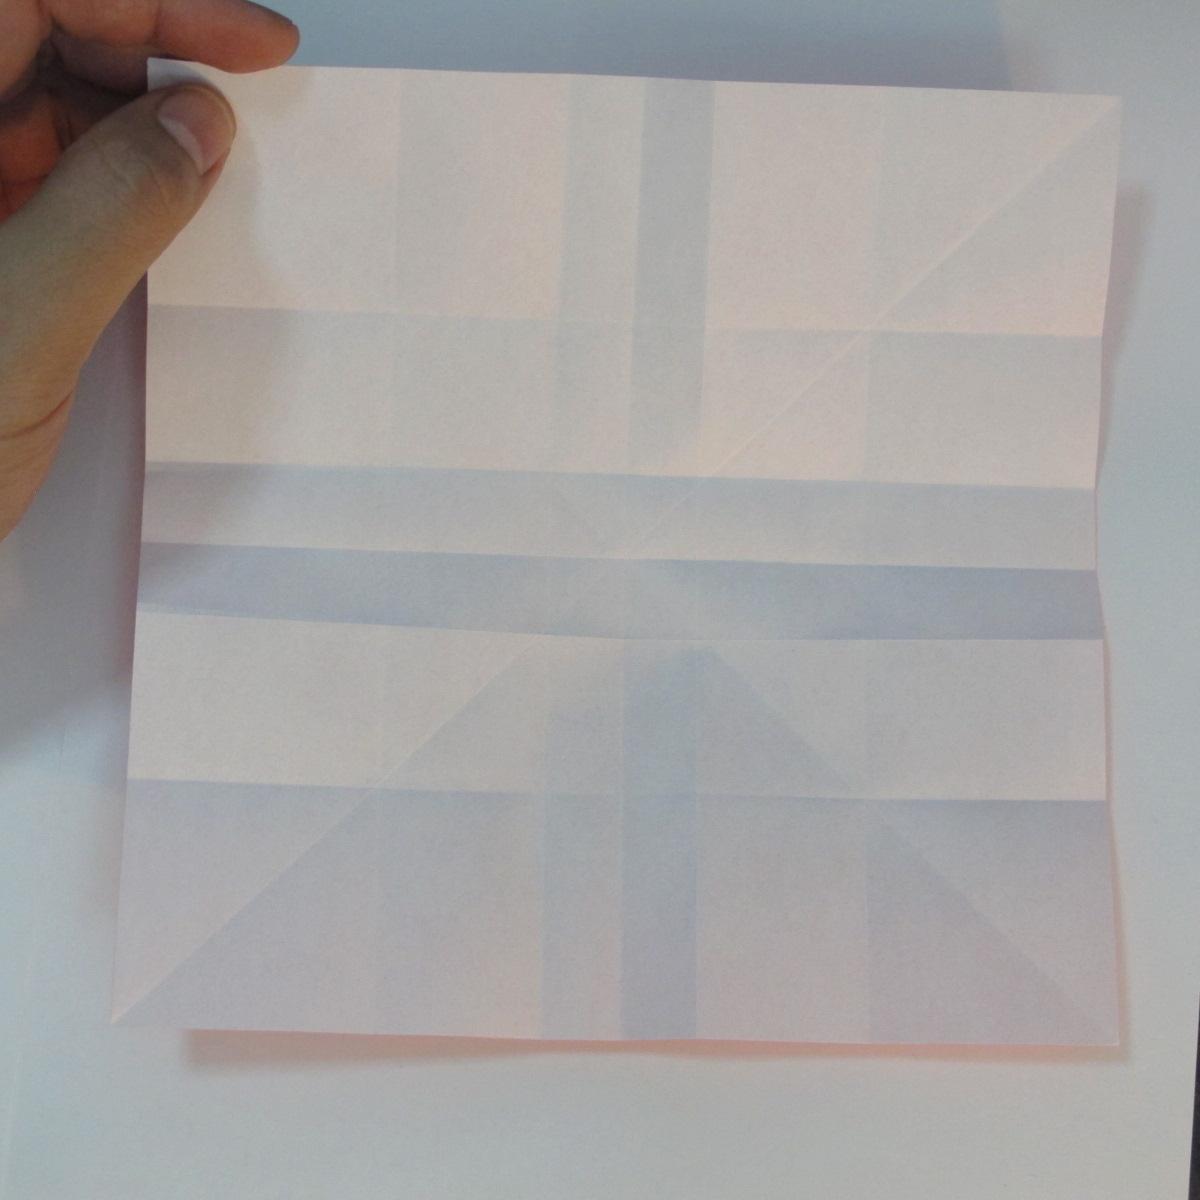 วิธีพับกระดาษพับดอกกุหลาบ 011